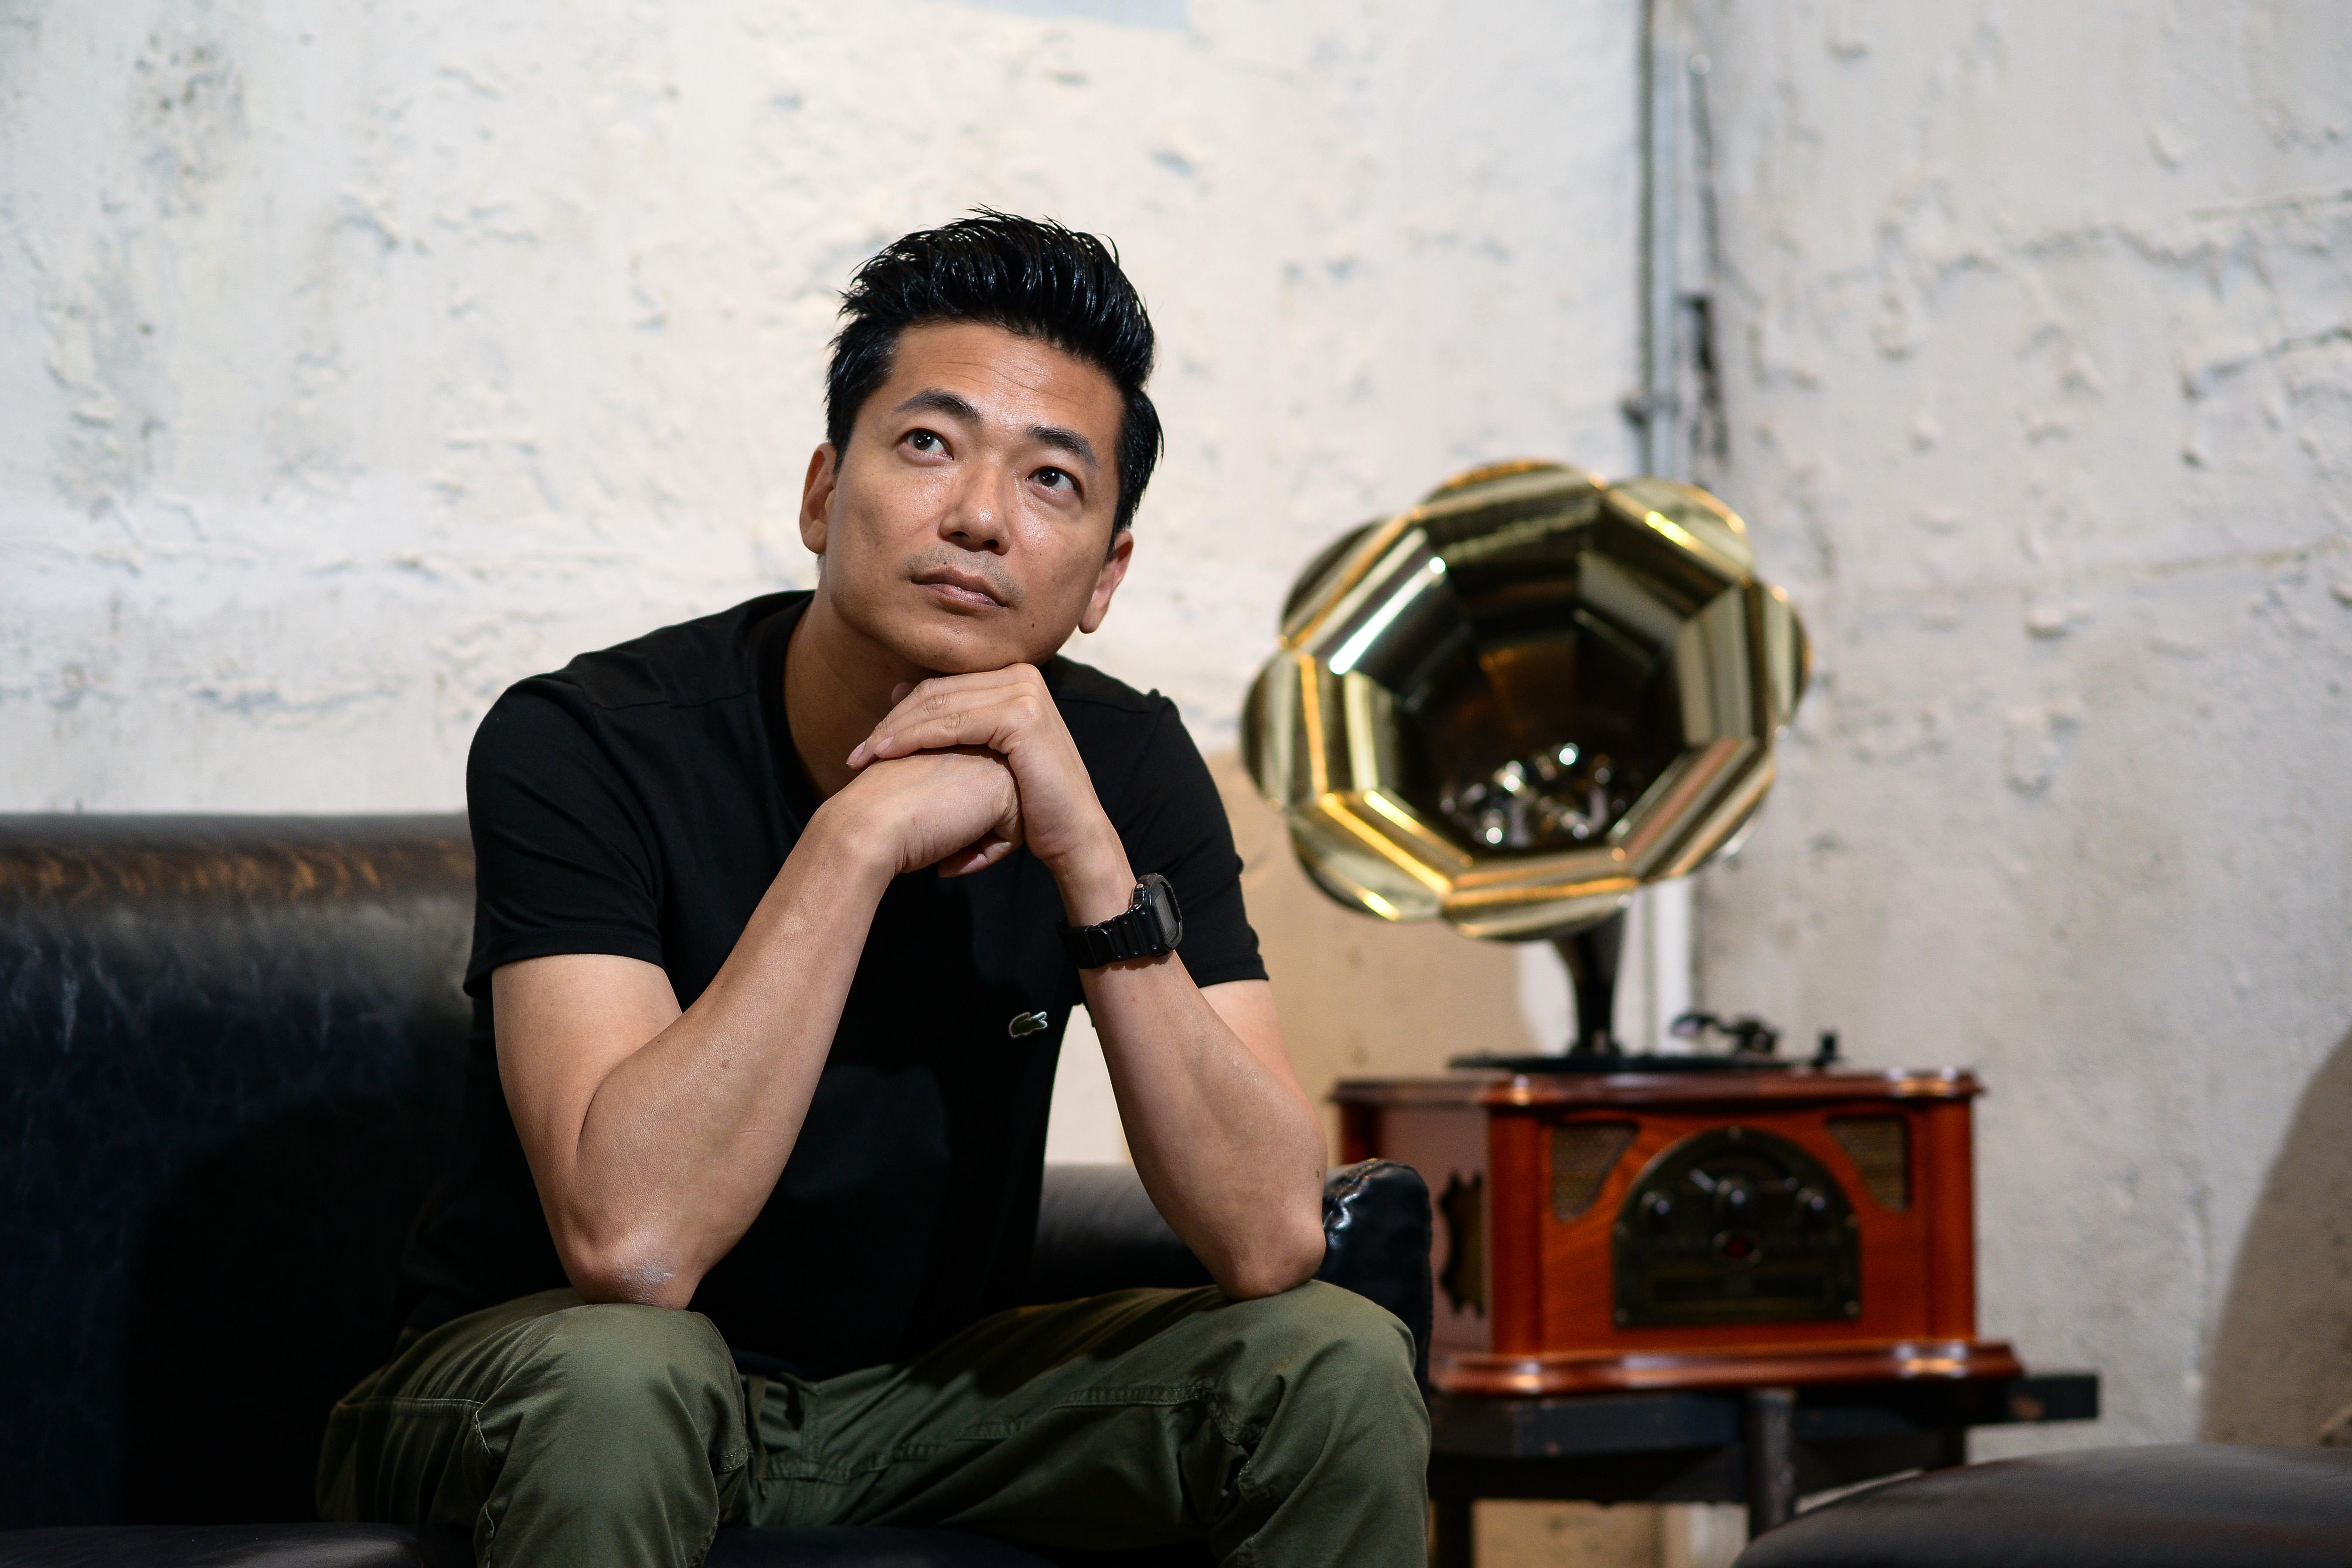 趙永洪在TVB工作了十九年半,因爛做,爆騷爆足十九年半。